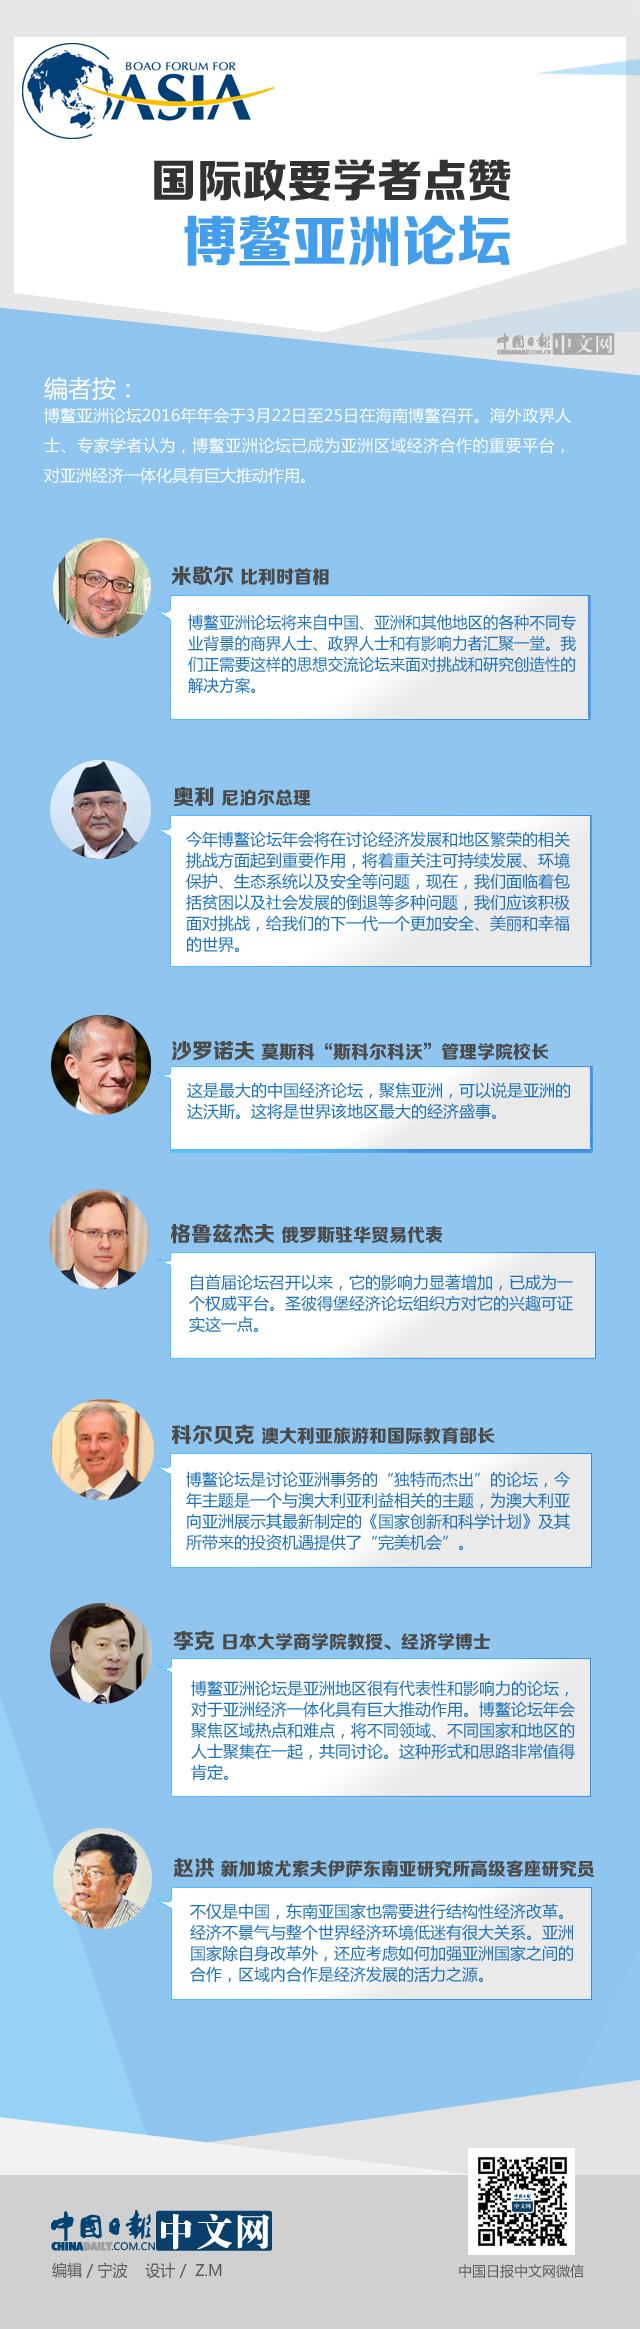 国际政要学者点赞博鳌亚洲论坛